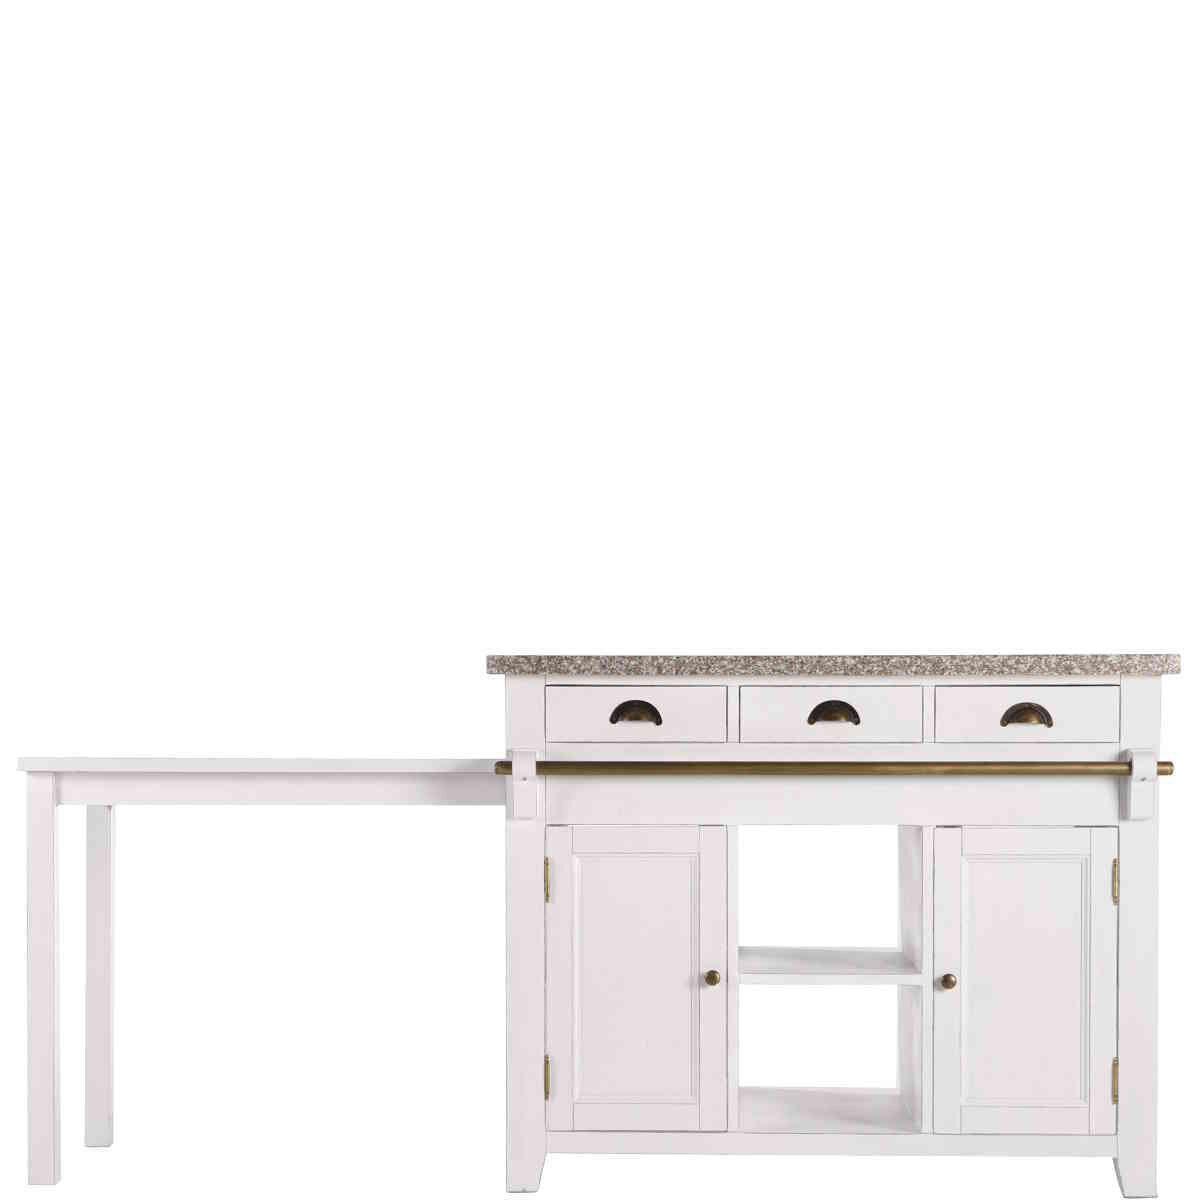 Butlers Küchen-Arbeitstisch Maple Hill   Wayfair.de